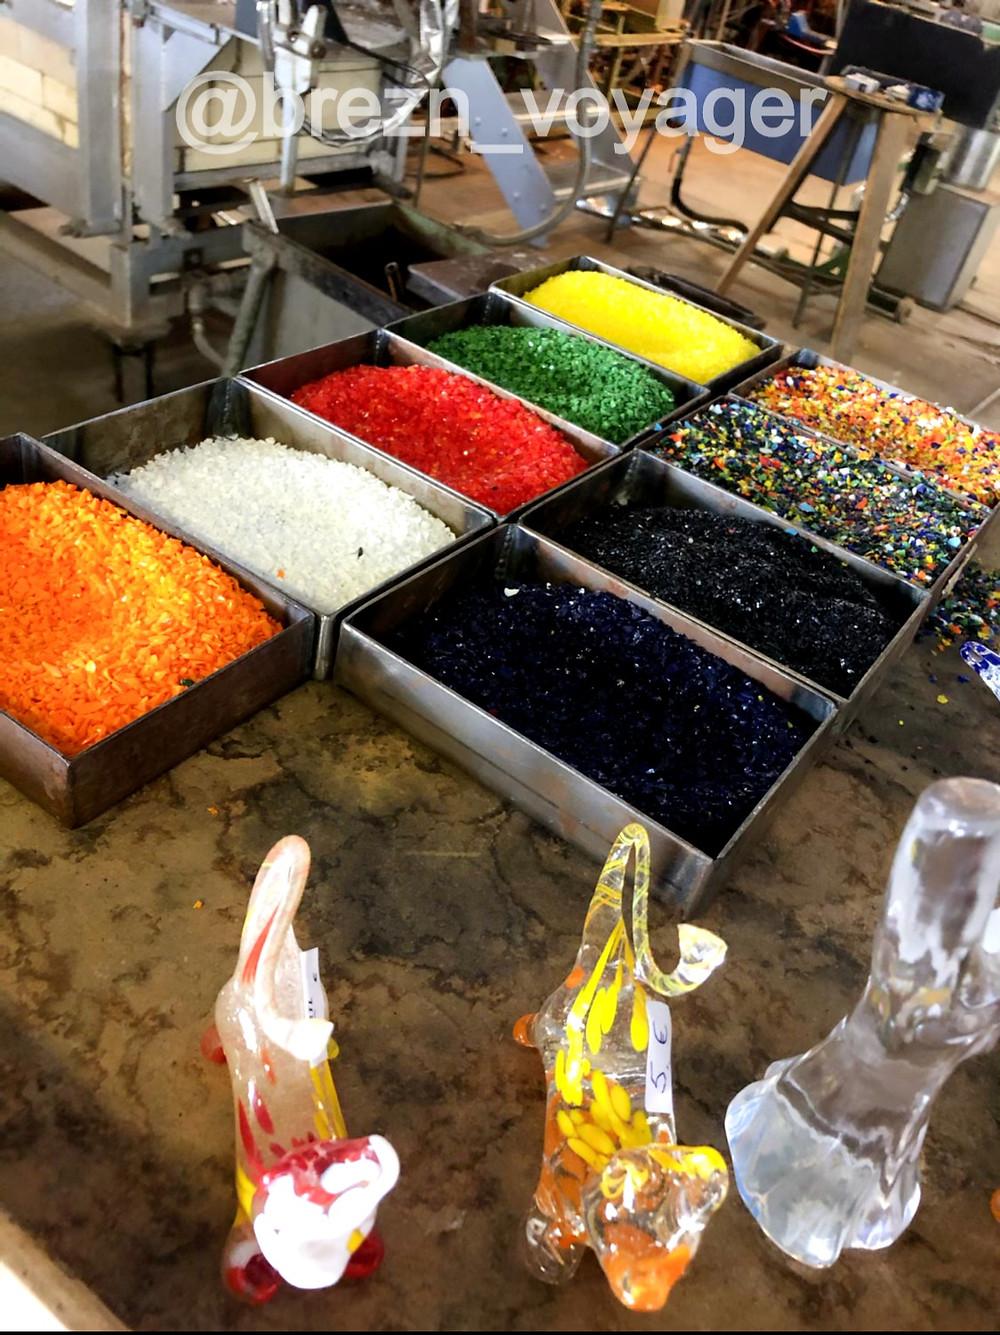 Mit Hilfe von bunten Glassplittern kann der Glasbläser seine Werke einfärben. Hierzu taucht er den heißen Glaskolben in die Farben und bring dies wieder in den Ofen um die Splitter zu schmelzen